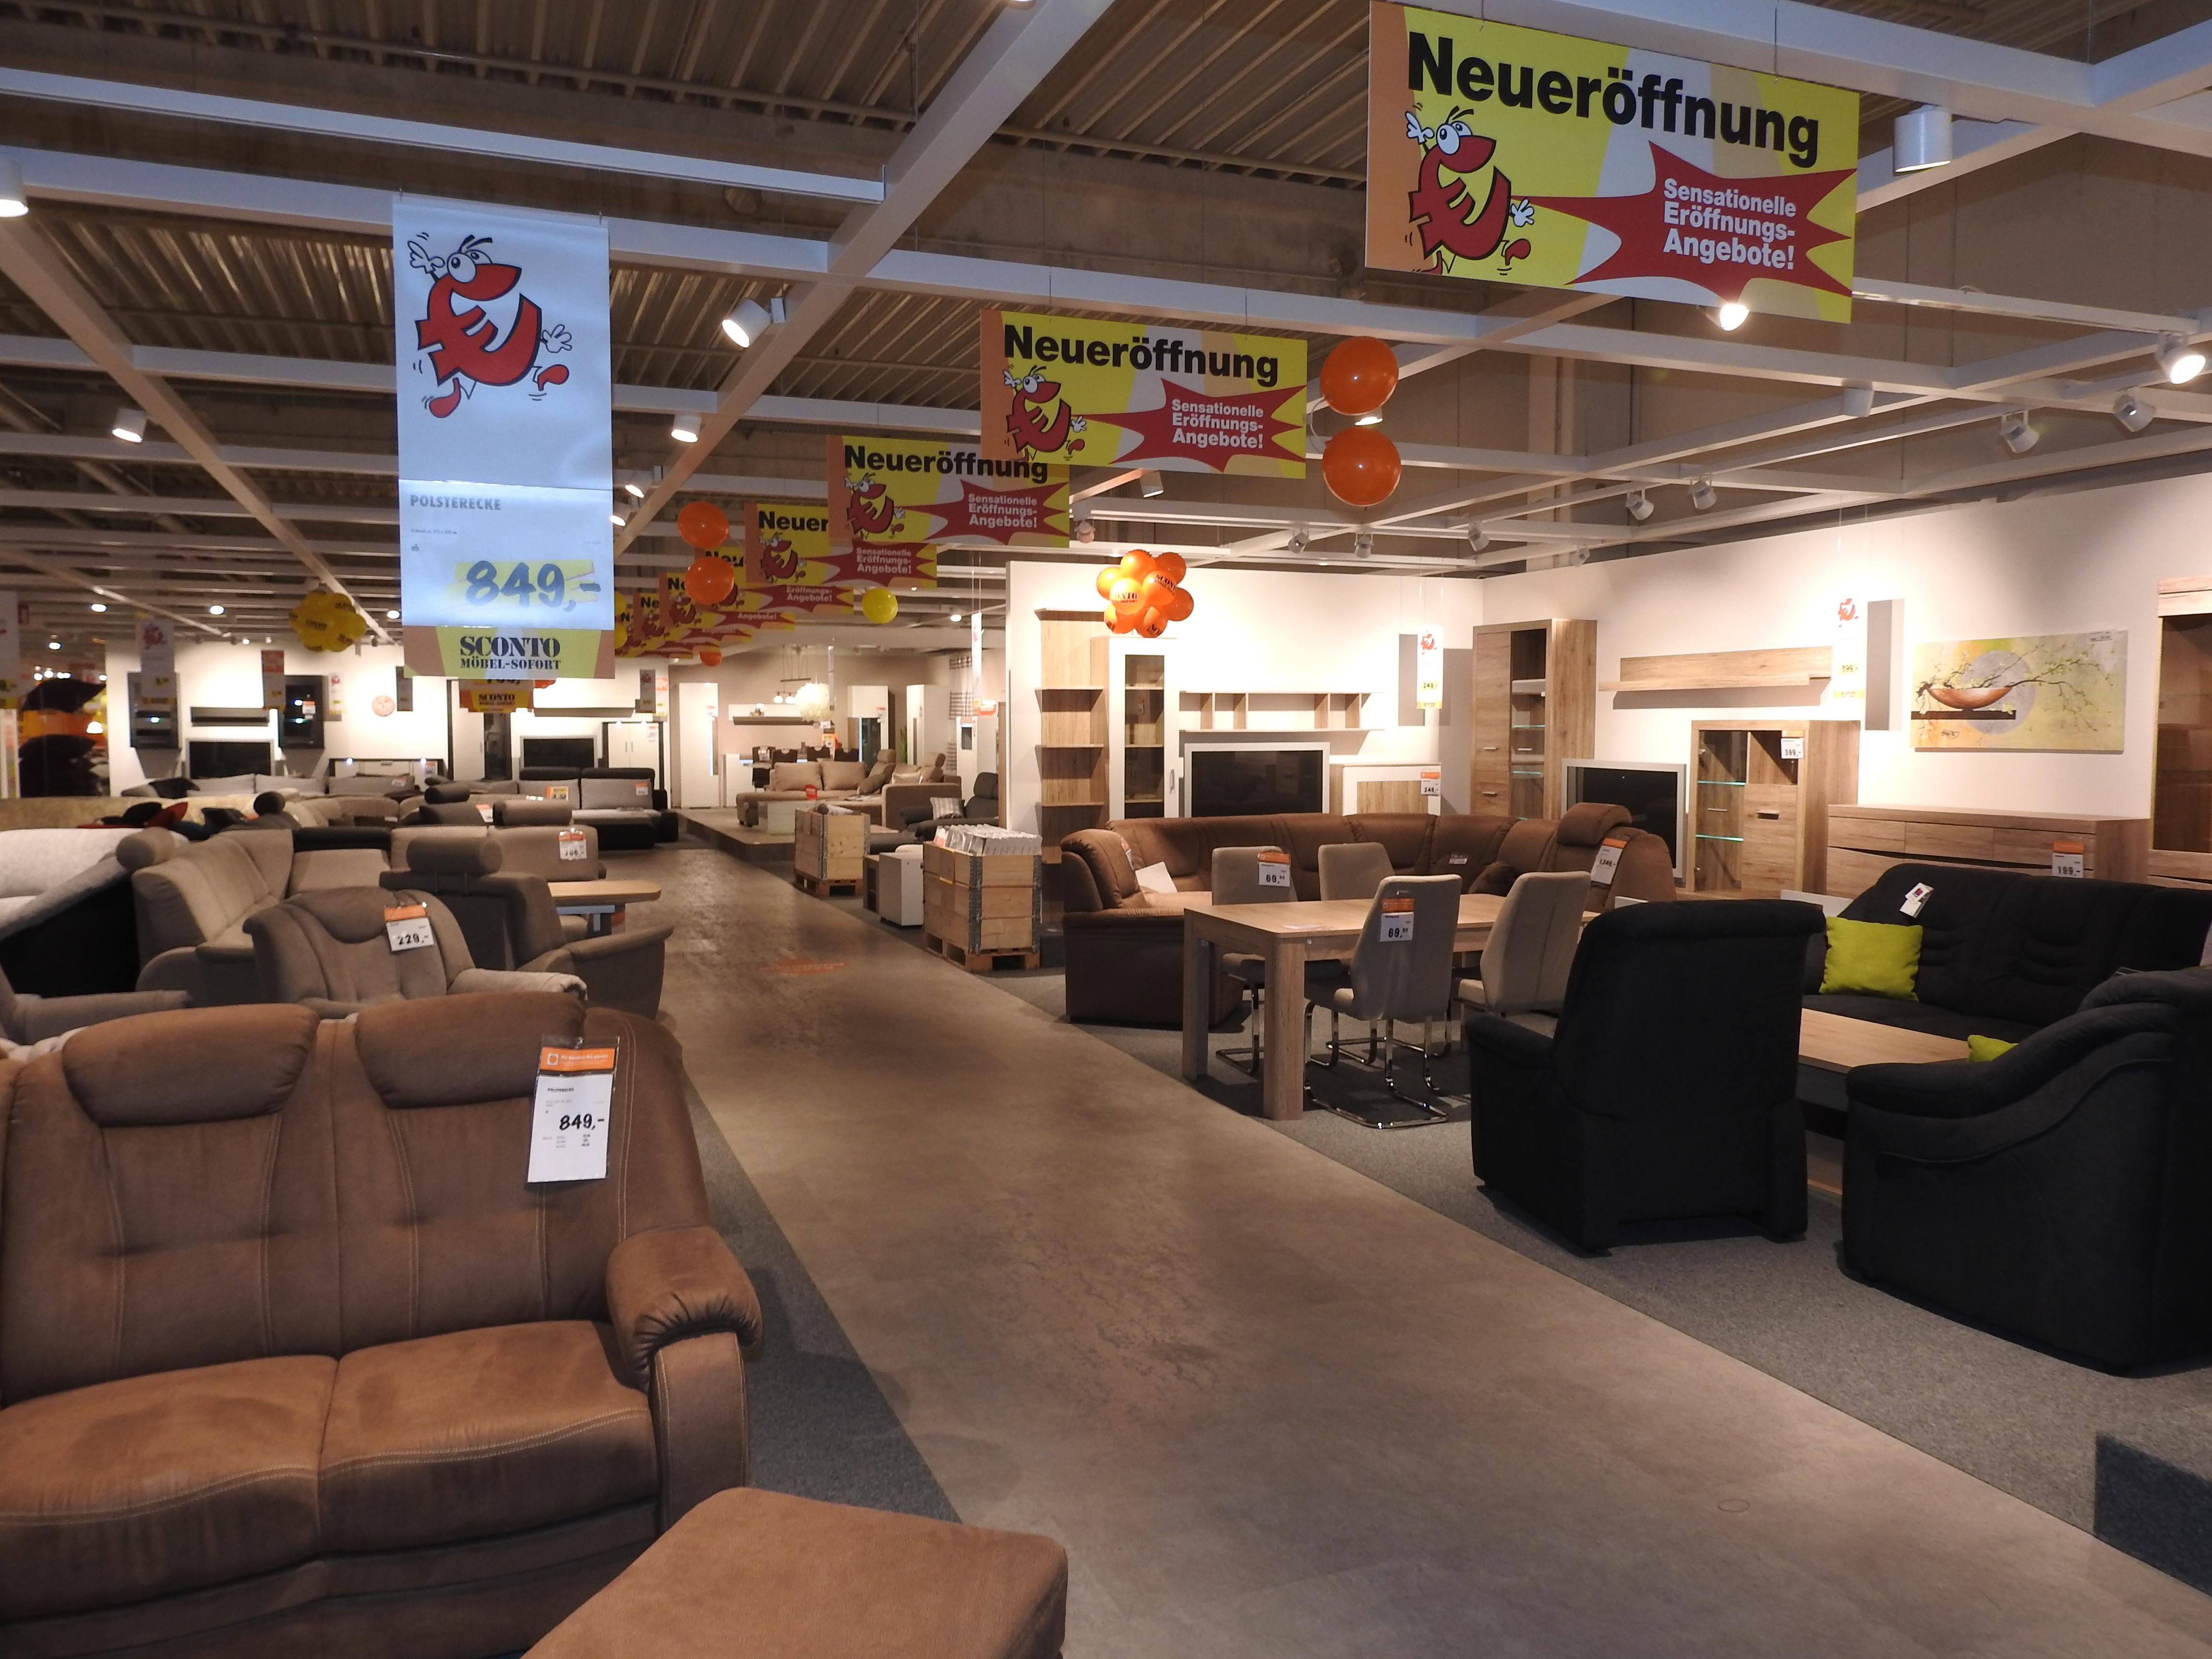 Amazing Möbelhäuser In Berlin Best Choice Of Sconto Sb Der Möbelmarkt Gmbh - Berlin-marzahn